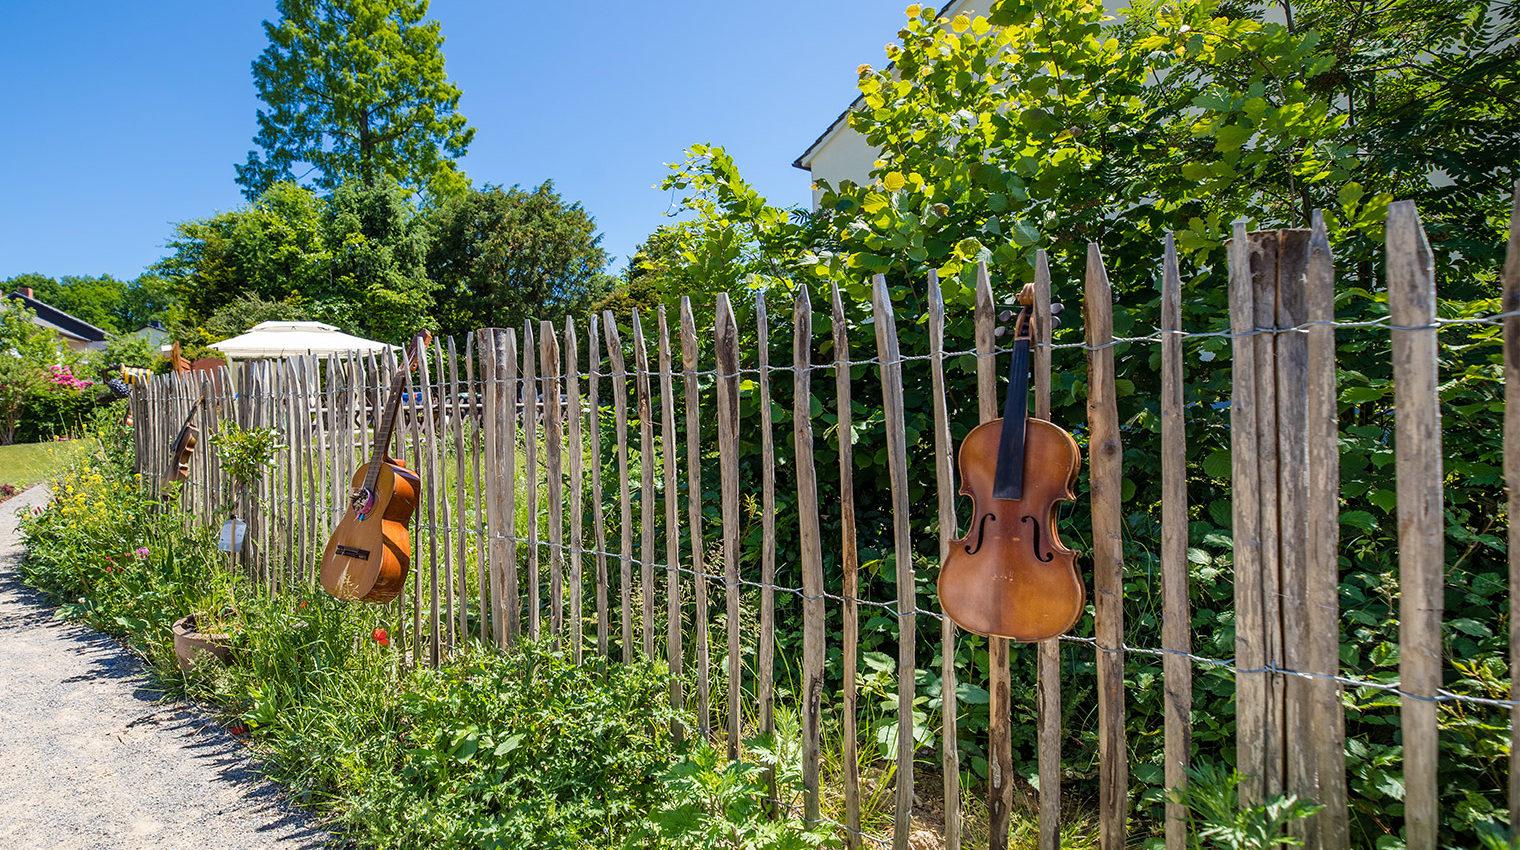 Grundstücksabgrenzung: Zaun aus Holz